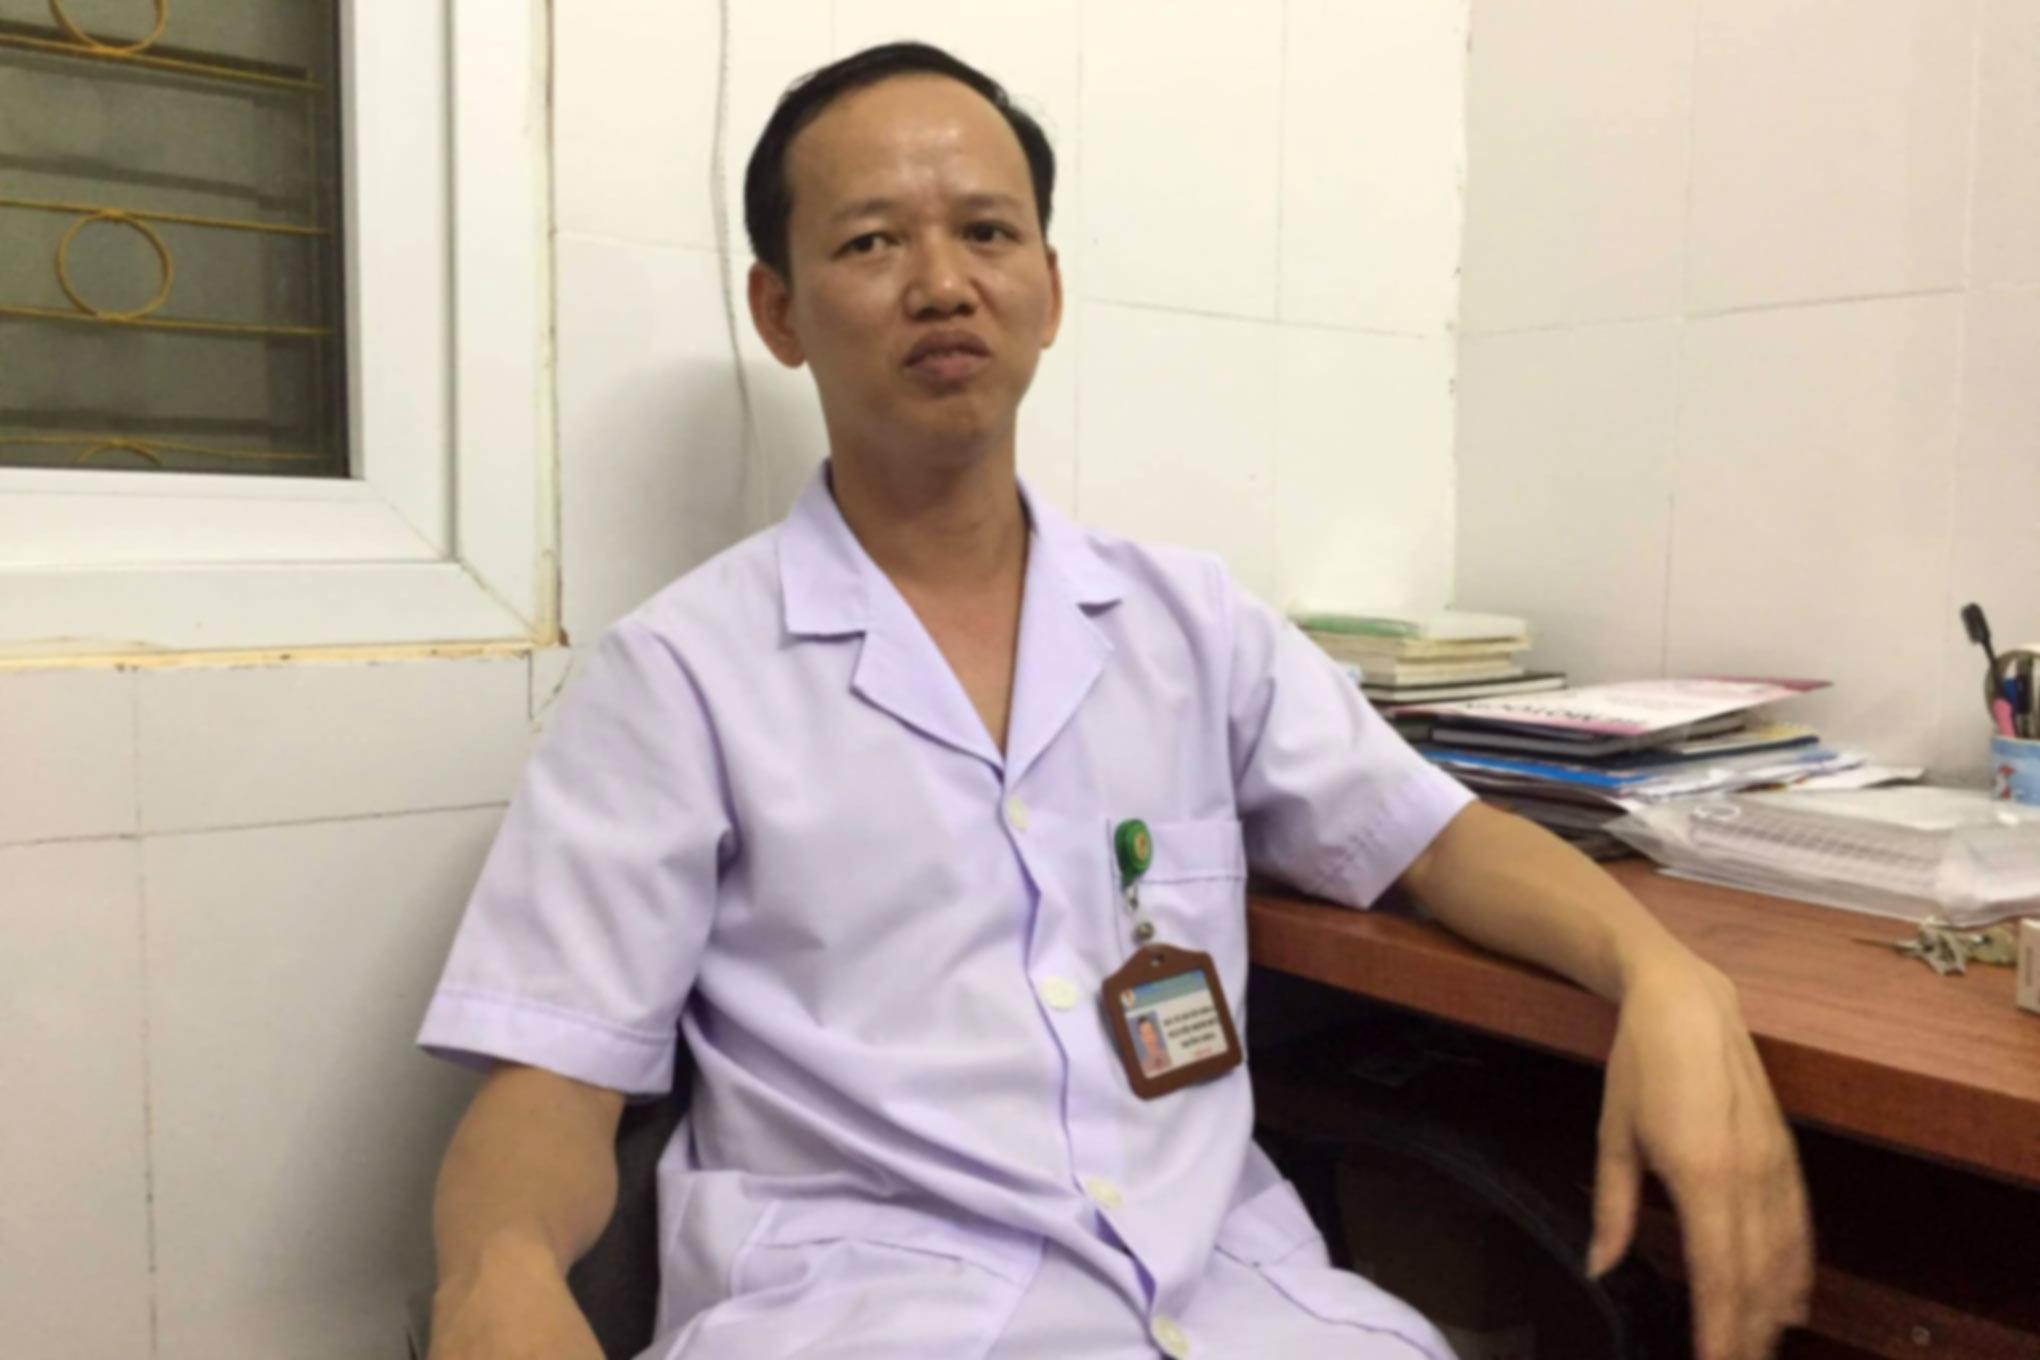 Công an điều tra vụ bé sơ sinh bị bác sĩ kéo đứt cổ-1